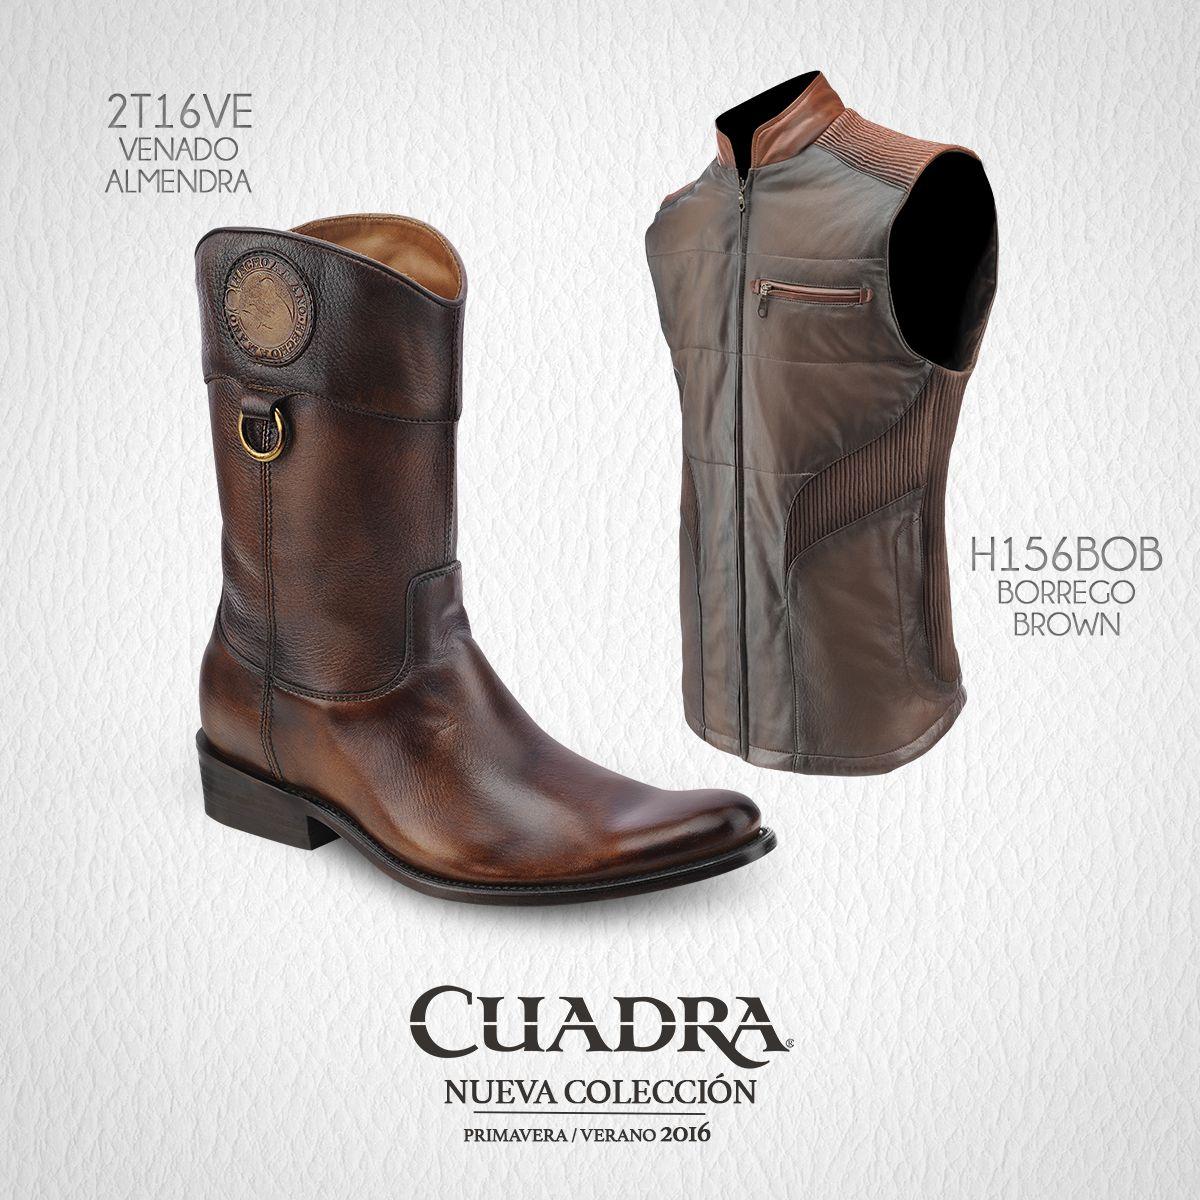 13b4aafb2b Look para causar buena impresión en la primera cita.  CUADRA  LookCUADRA   Style  Fashion  Exotic  Leather  Chaleco  Boots  Botas